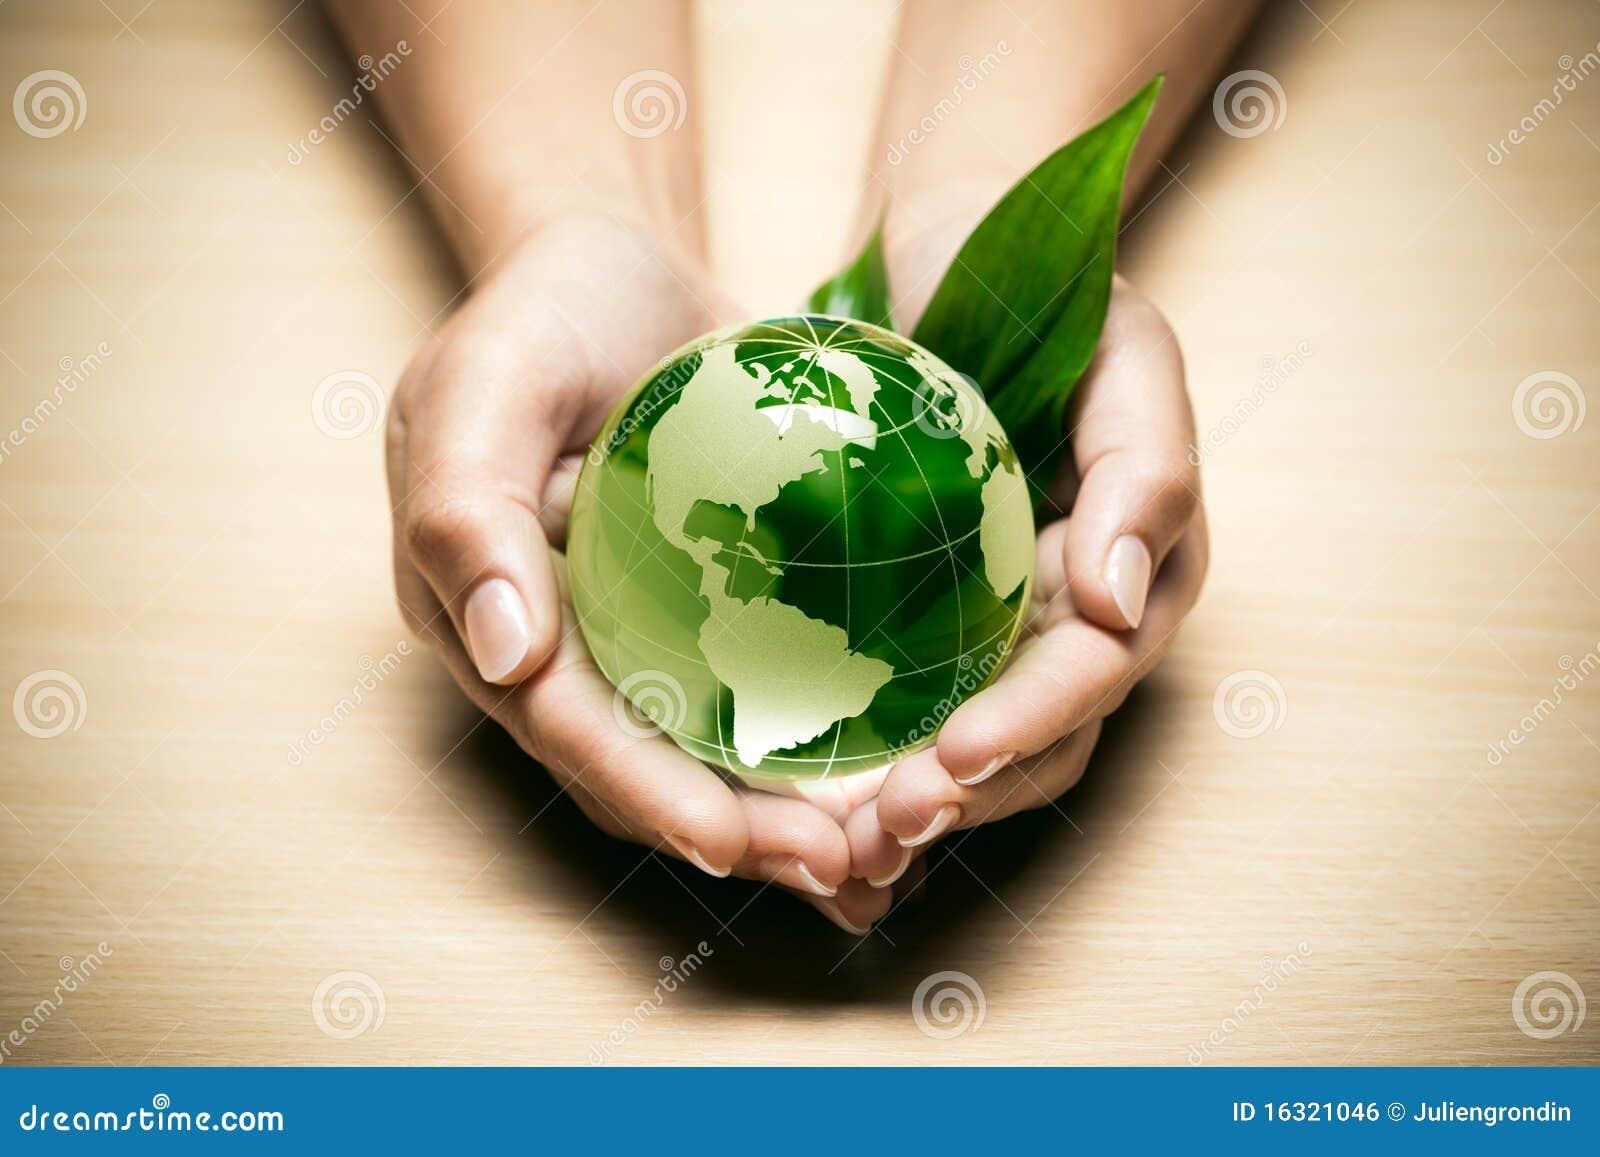 Handen met de bol van de ecoWereld